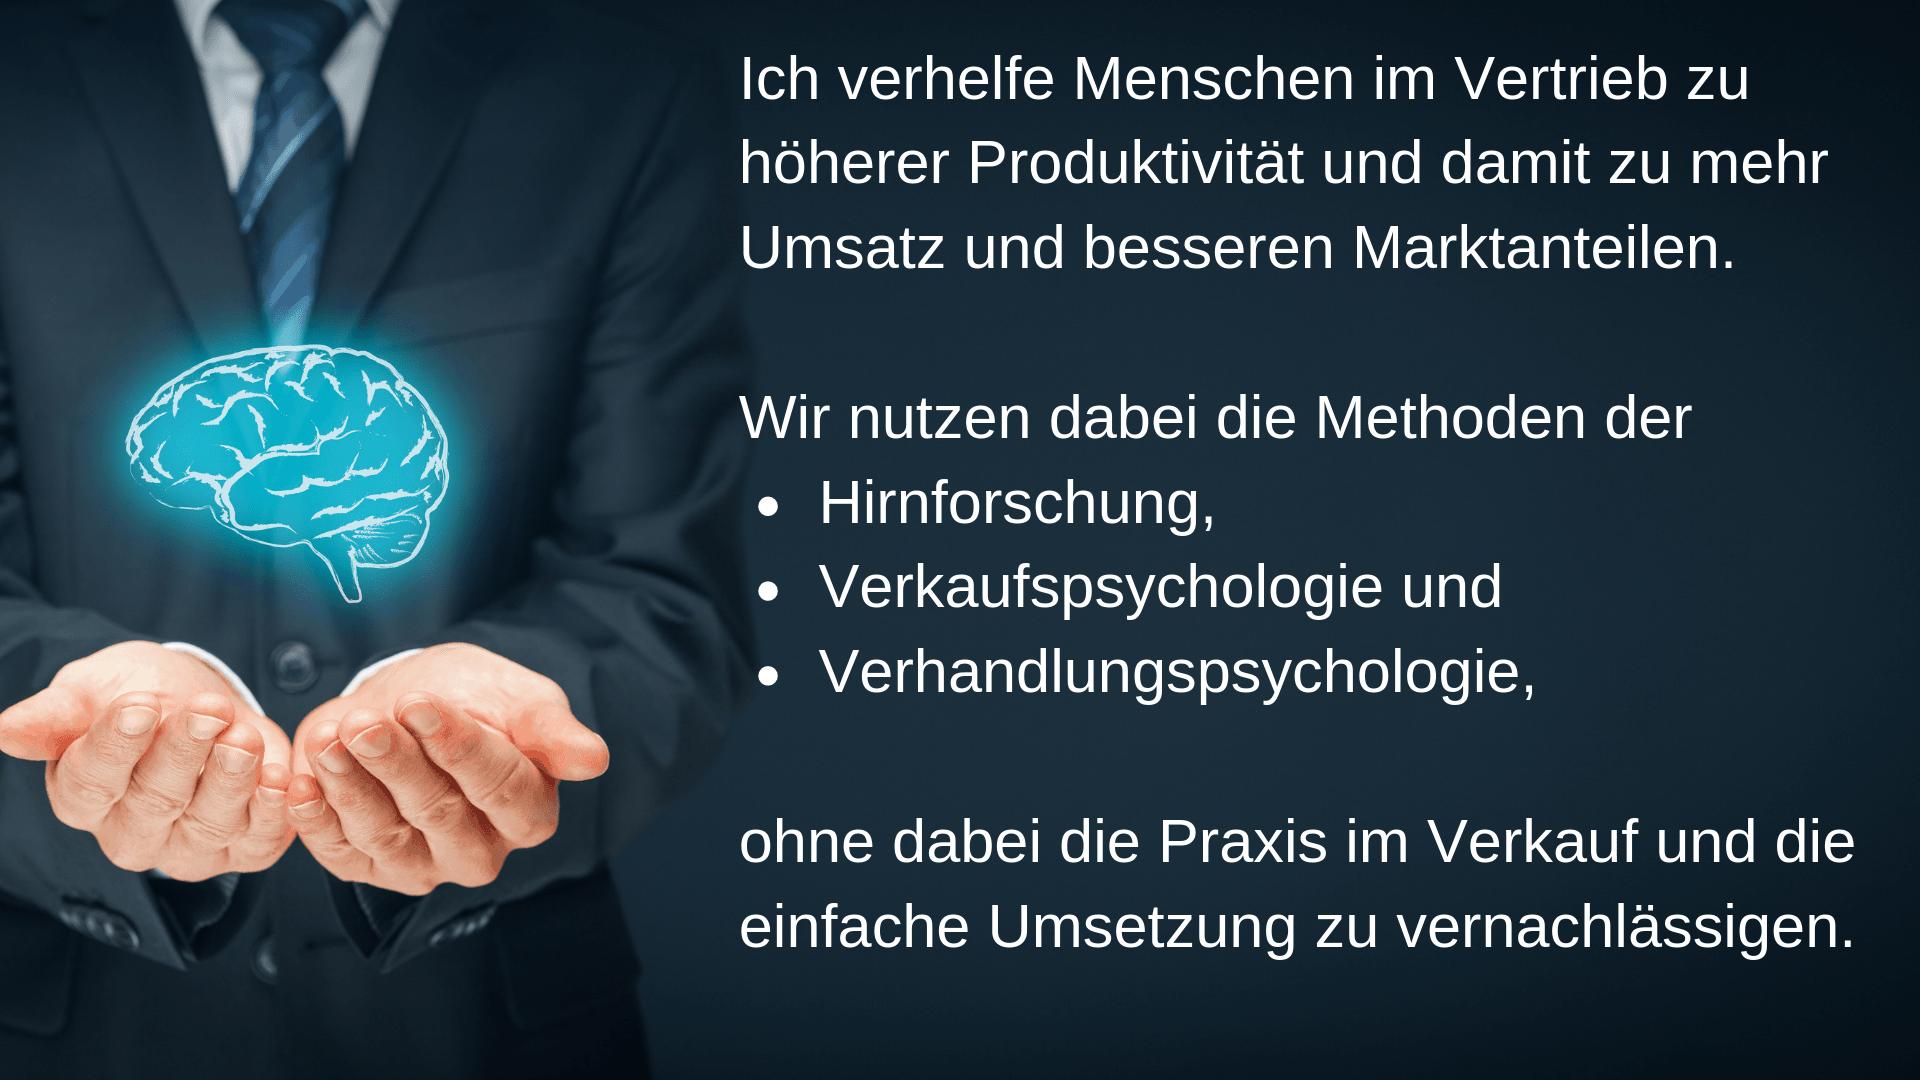 Ein Mann hält ein Gehirn in der Hand. Hirnforschung-Verkaufspsychologie-Verhandlungspsychologie-Vertrieb-Verkaufen